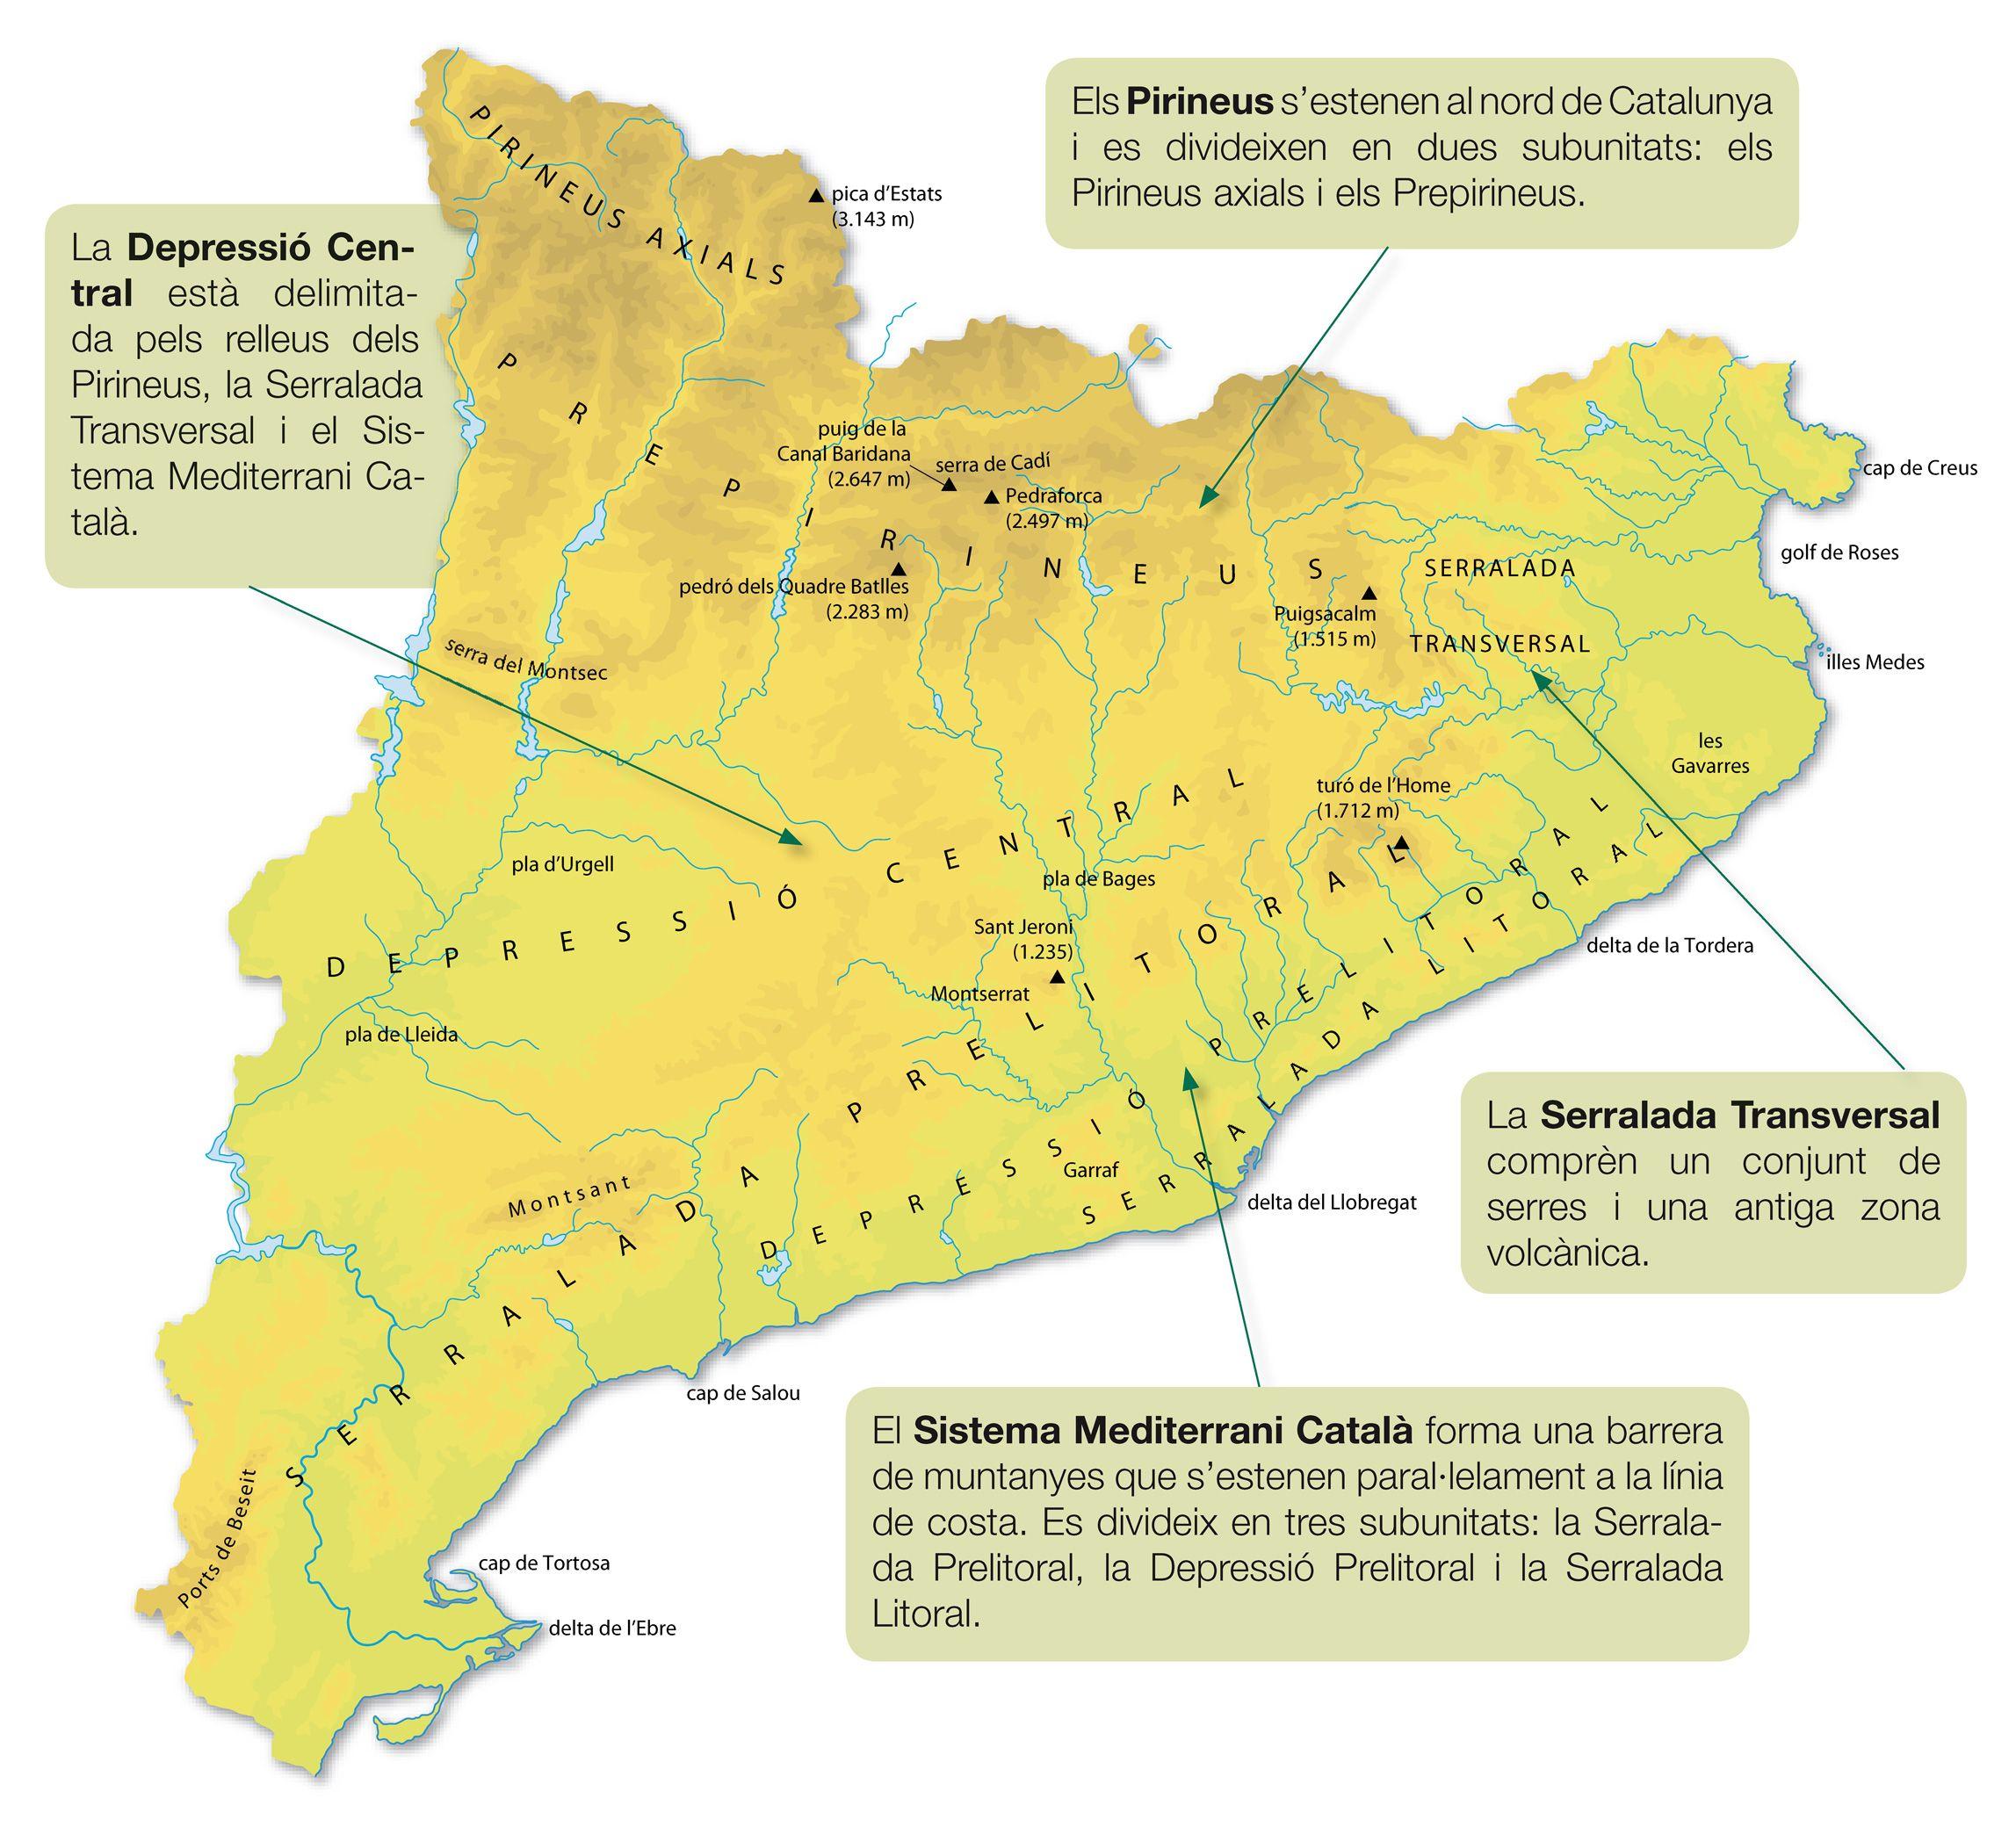 Mapa Urbanístic De Catalunya.Edu365 Cat El Relleu De Catalunya Tipus De Paisatge